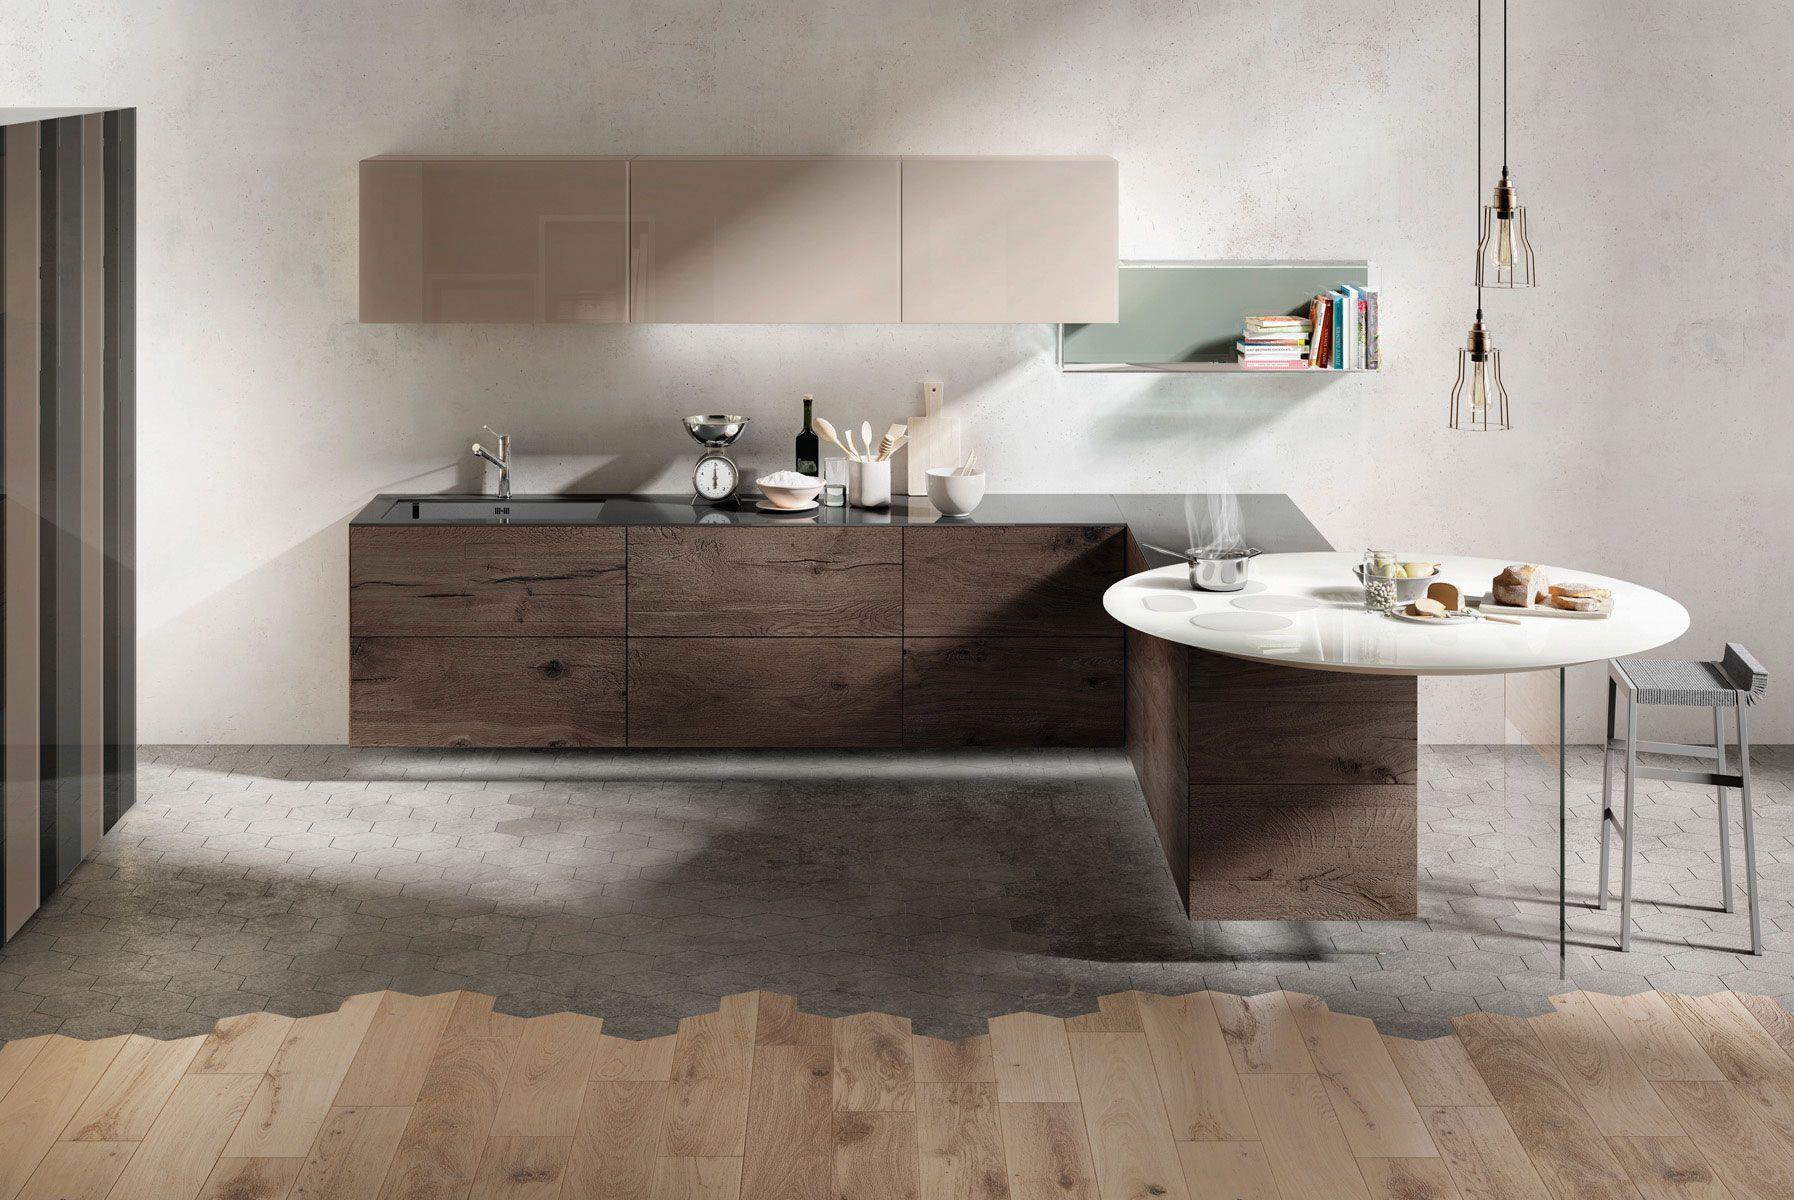 Cucine Moderne Componibili Di Design Arredo Interni Cucina